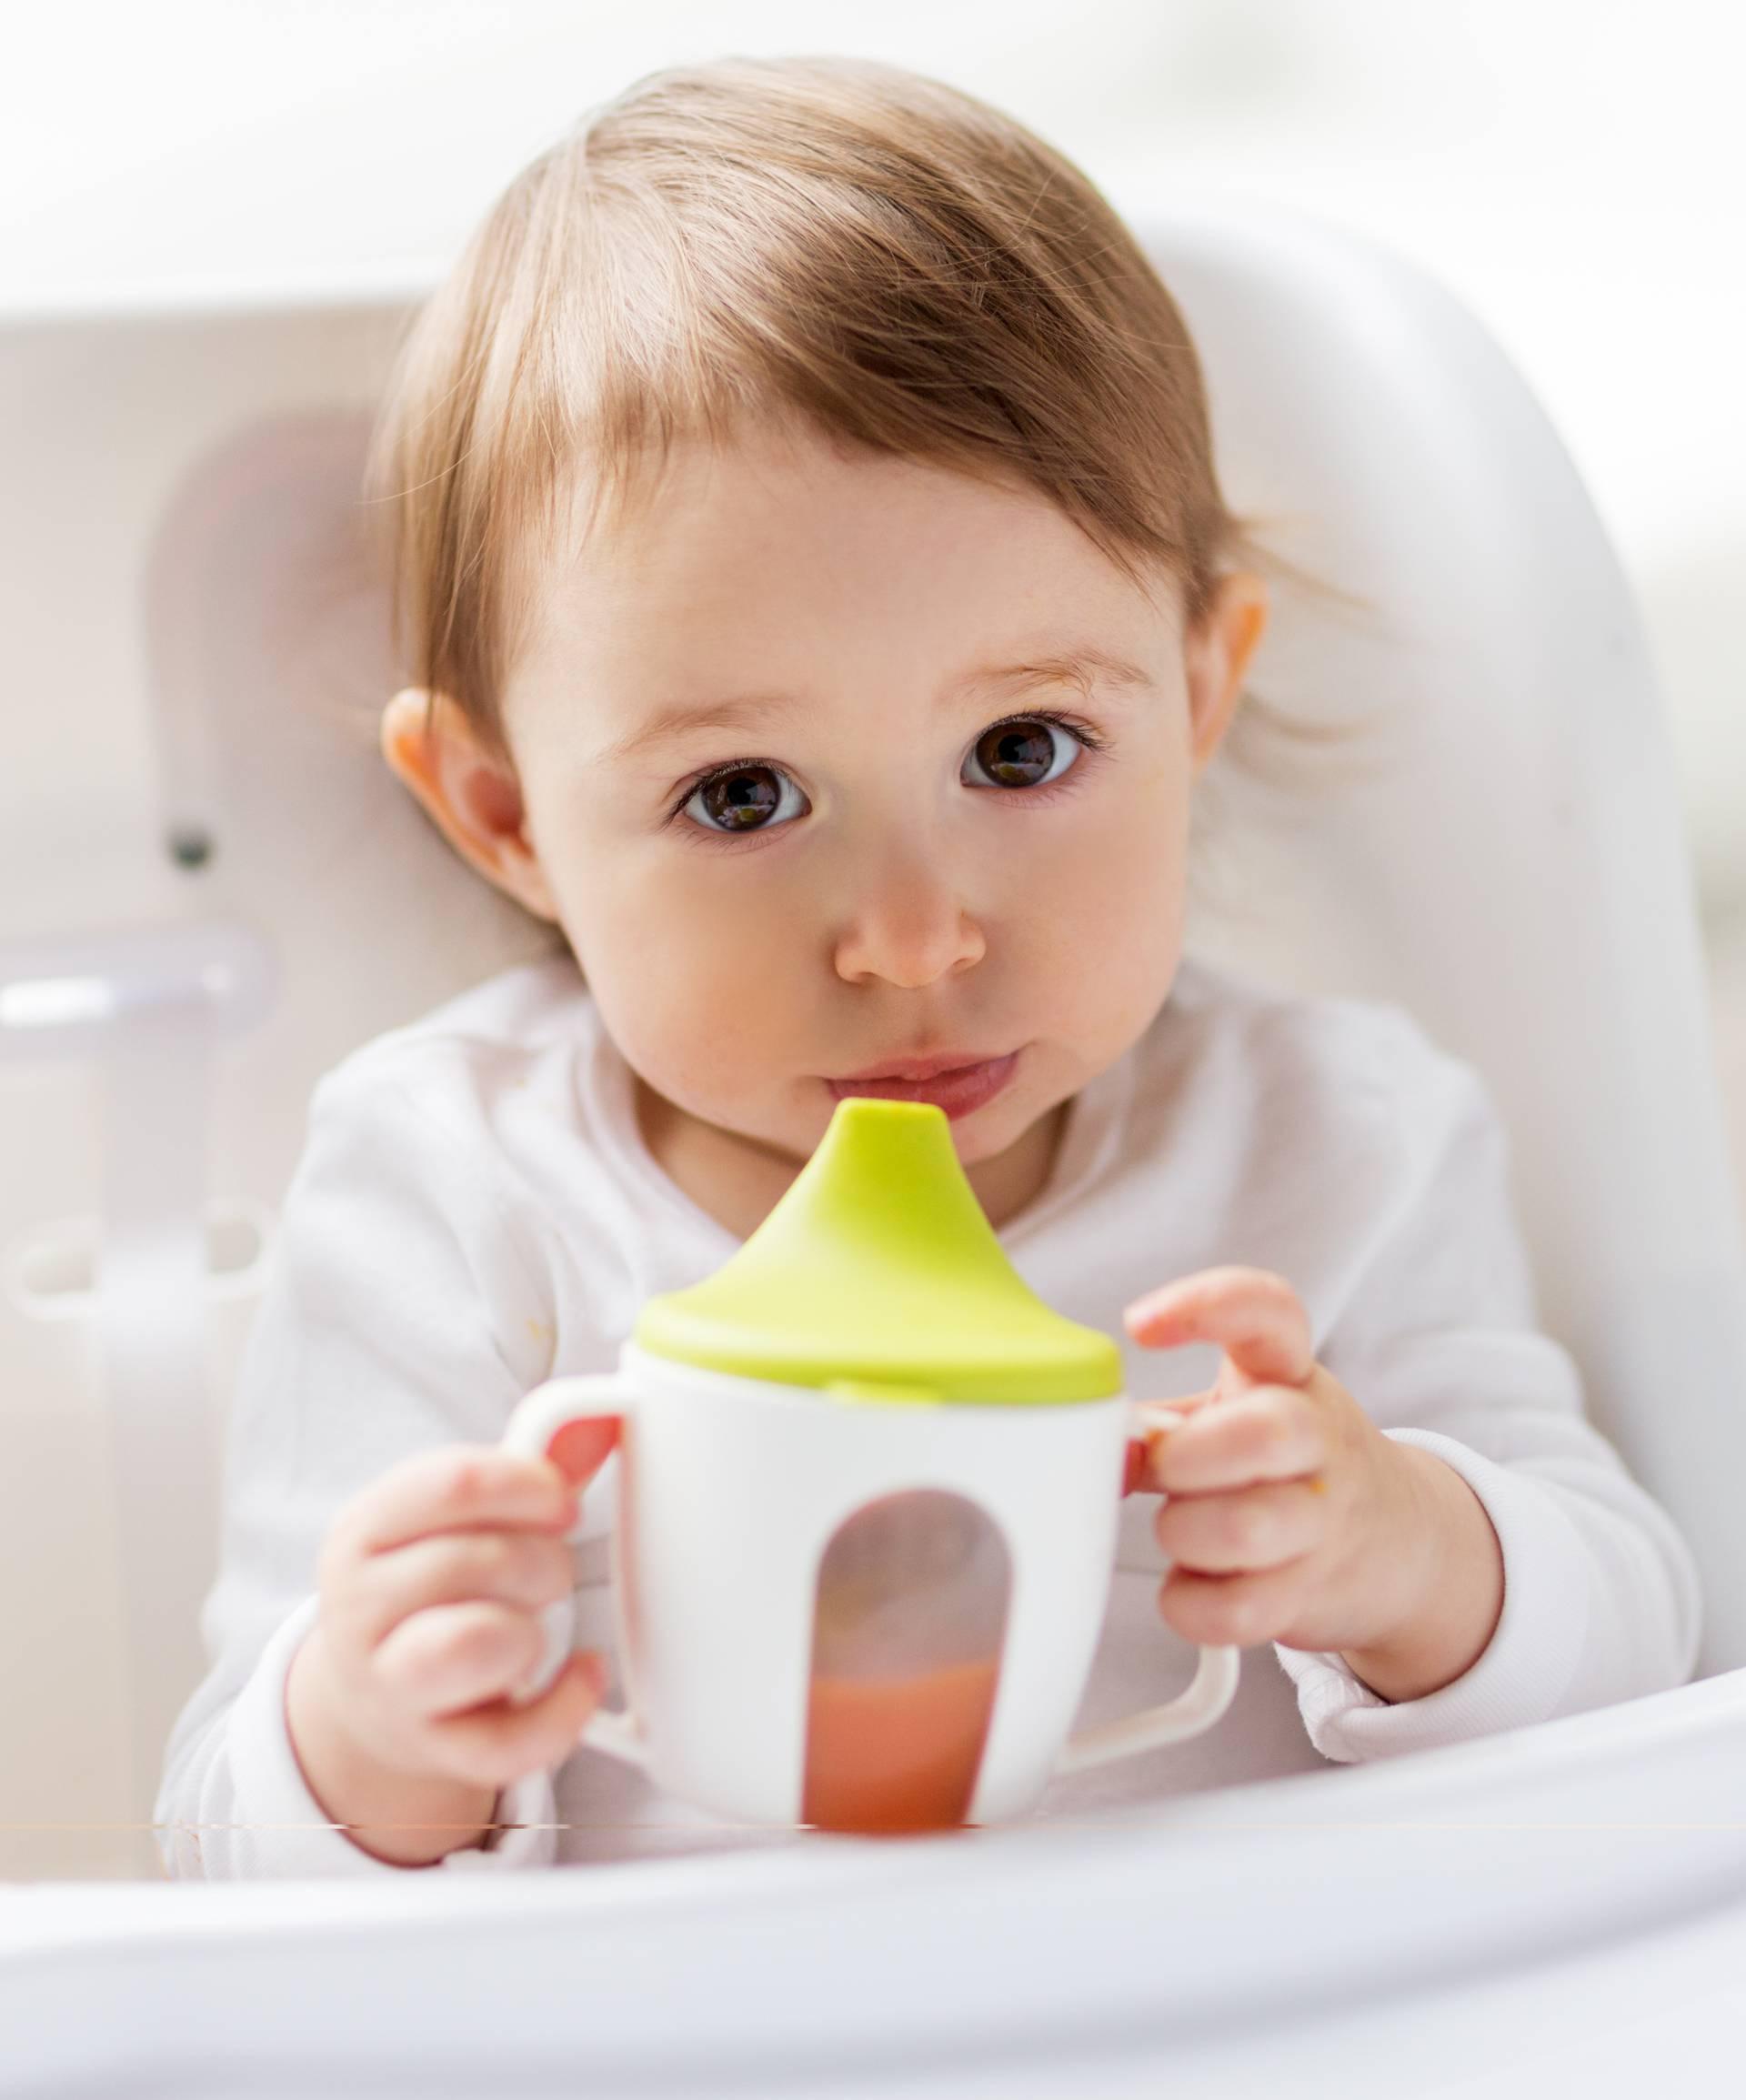 Pedijatri upozoravaju: Djeci do 1. godine ne nudite voćni sok